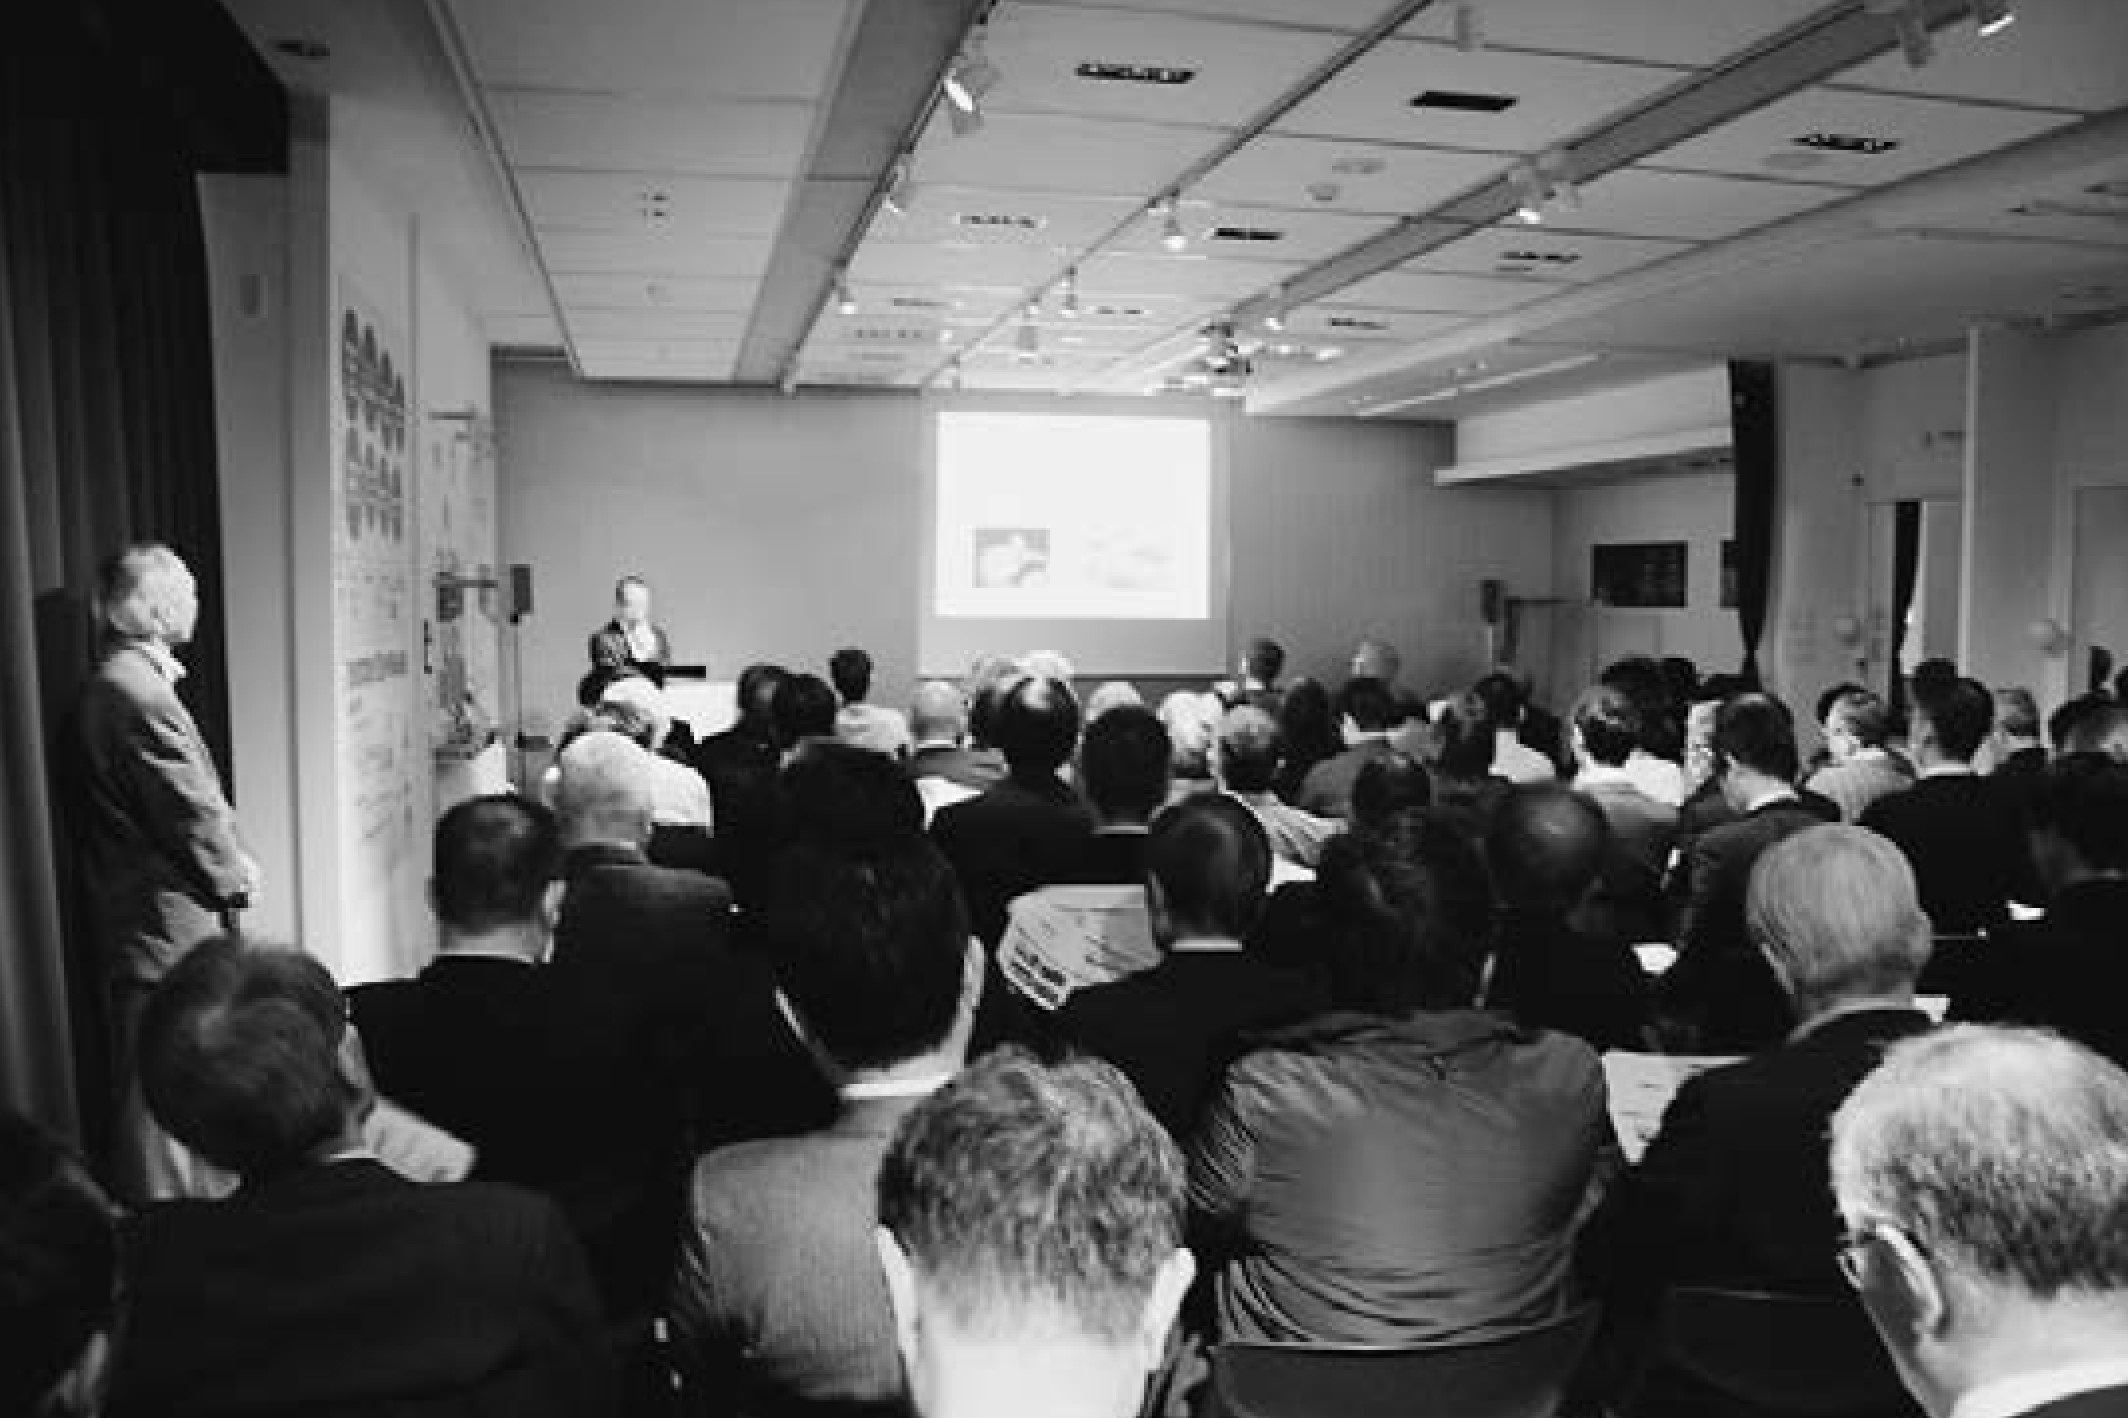 【大光電機】「日本の空間デザイン展」ライティングコア大阪で開催の画像